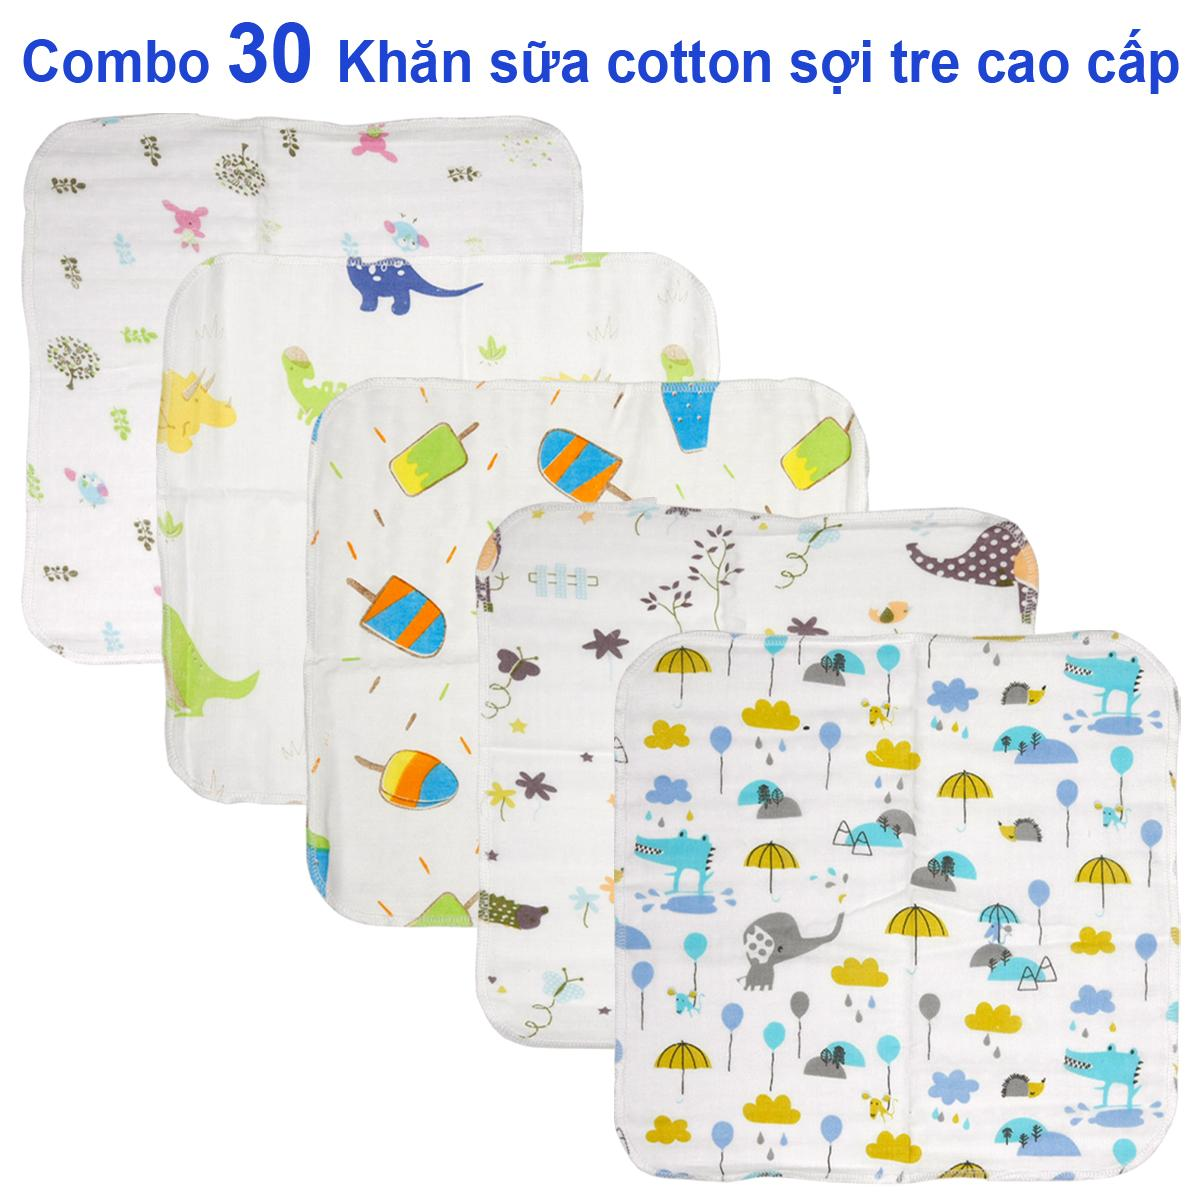 Combo 30 khăn sữa , khăn xô cotton sợi tre...